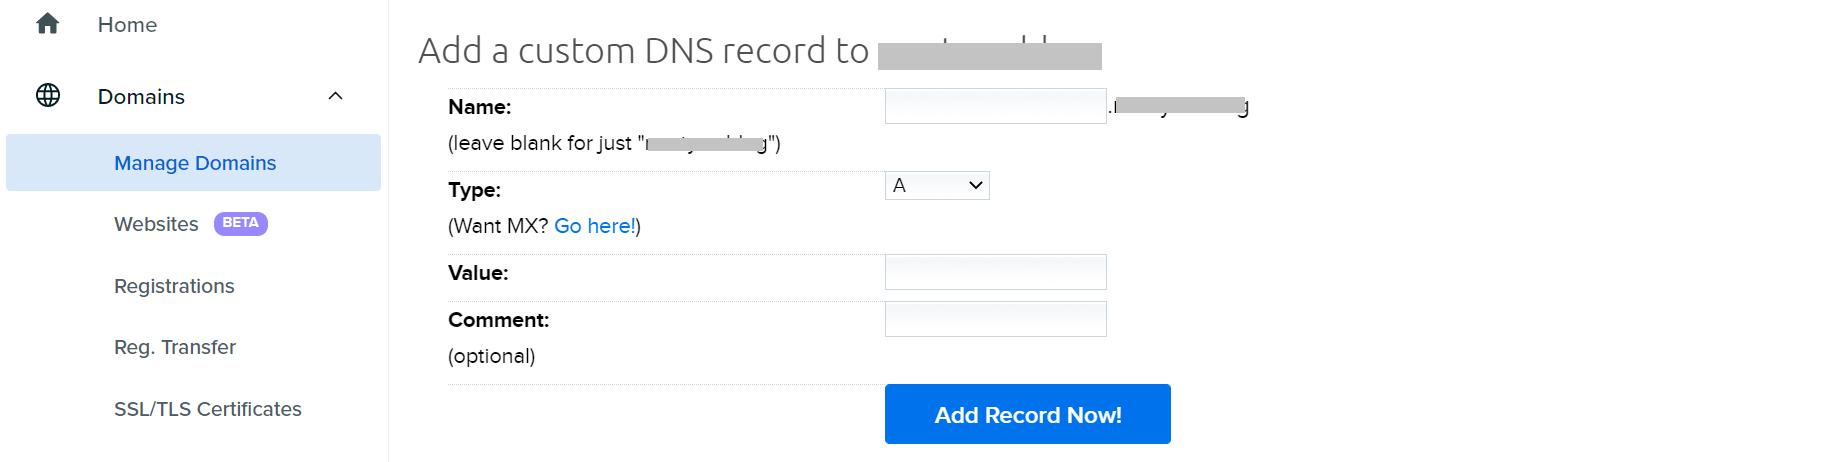 添加自定义DNS记录。